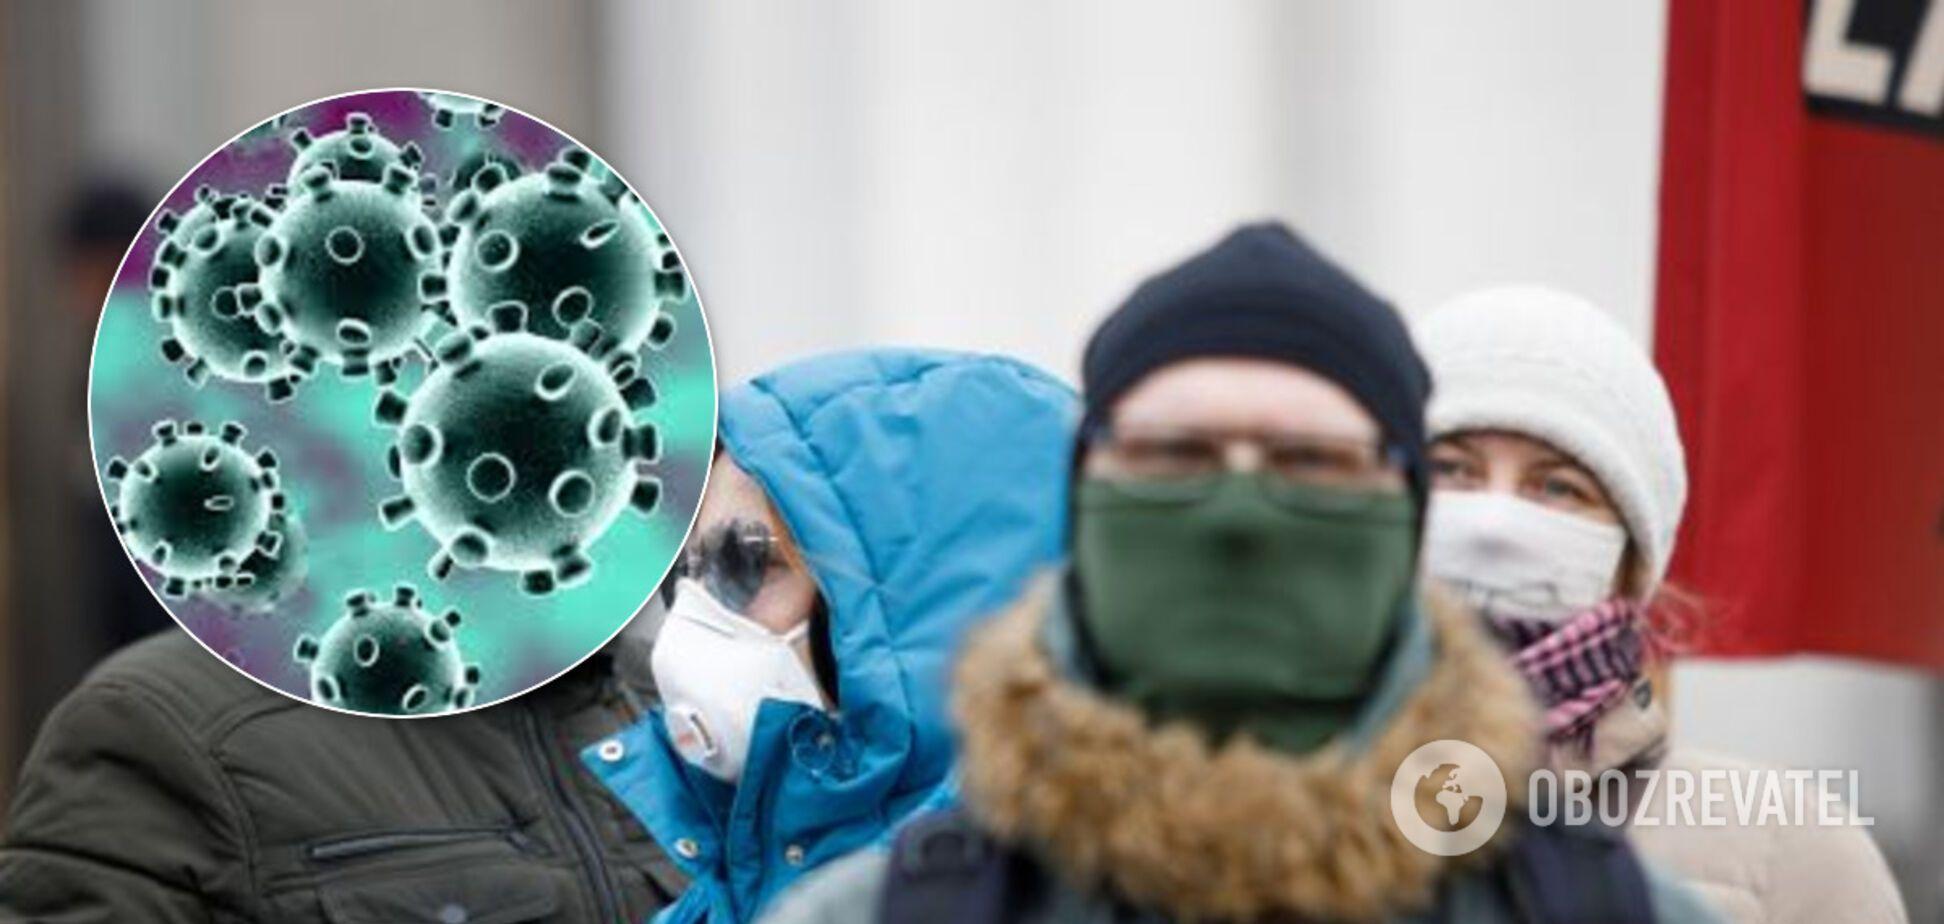 Коронавирус в Украине стихнет через три месяца: инфекционисты успокоили прогнозом